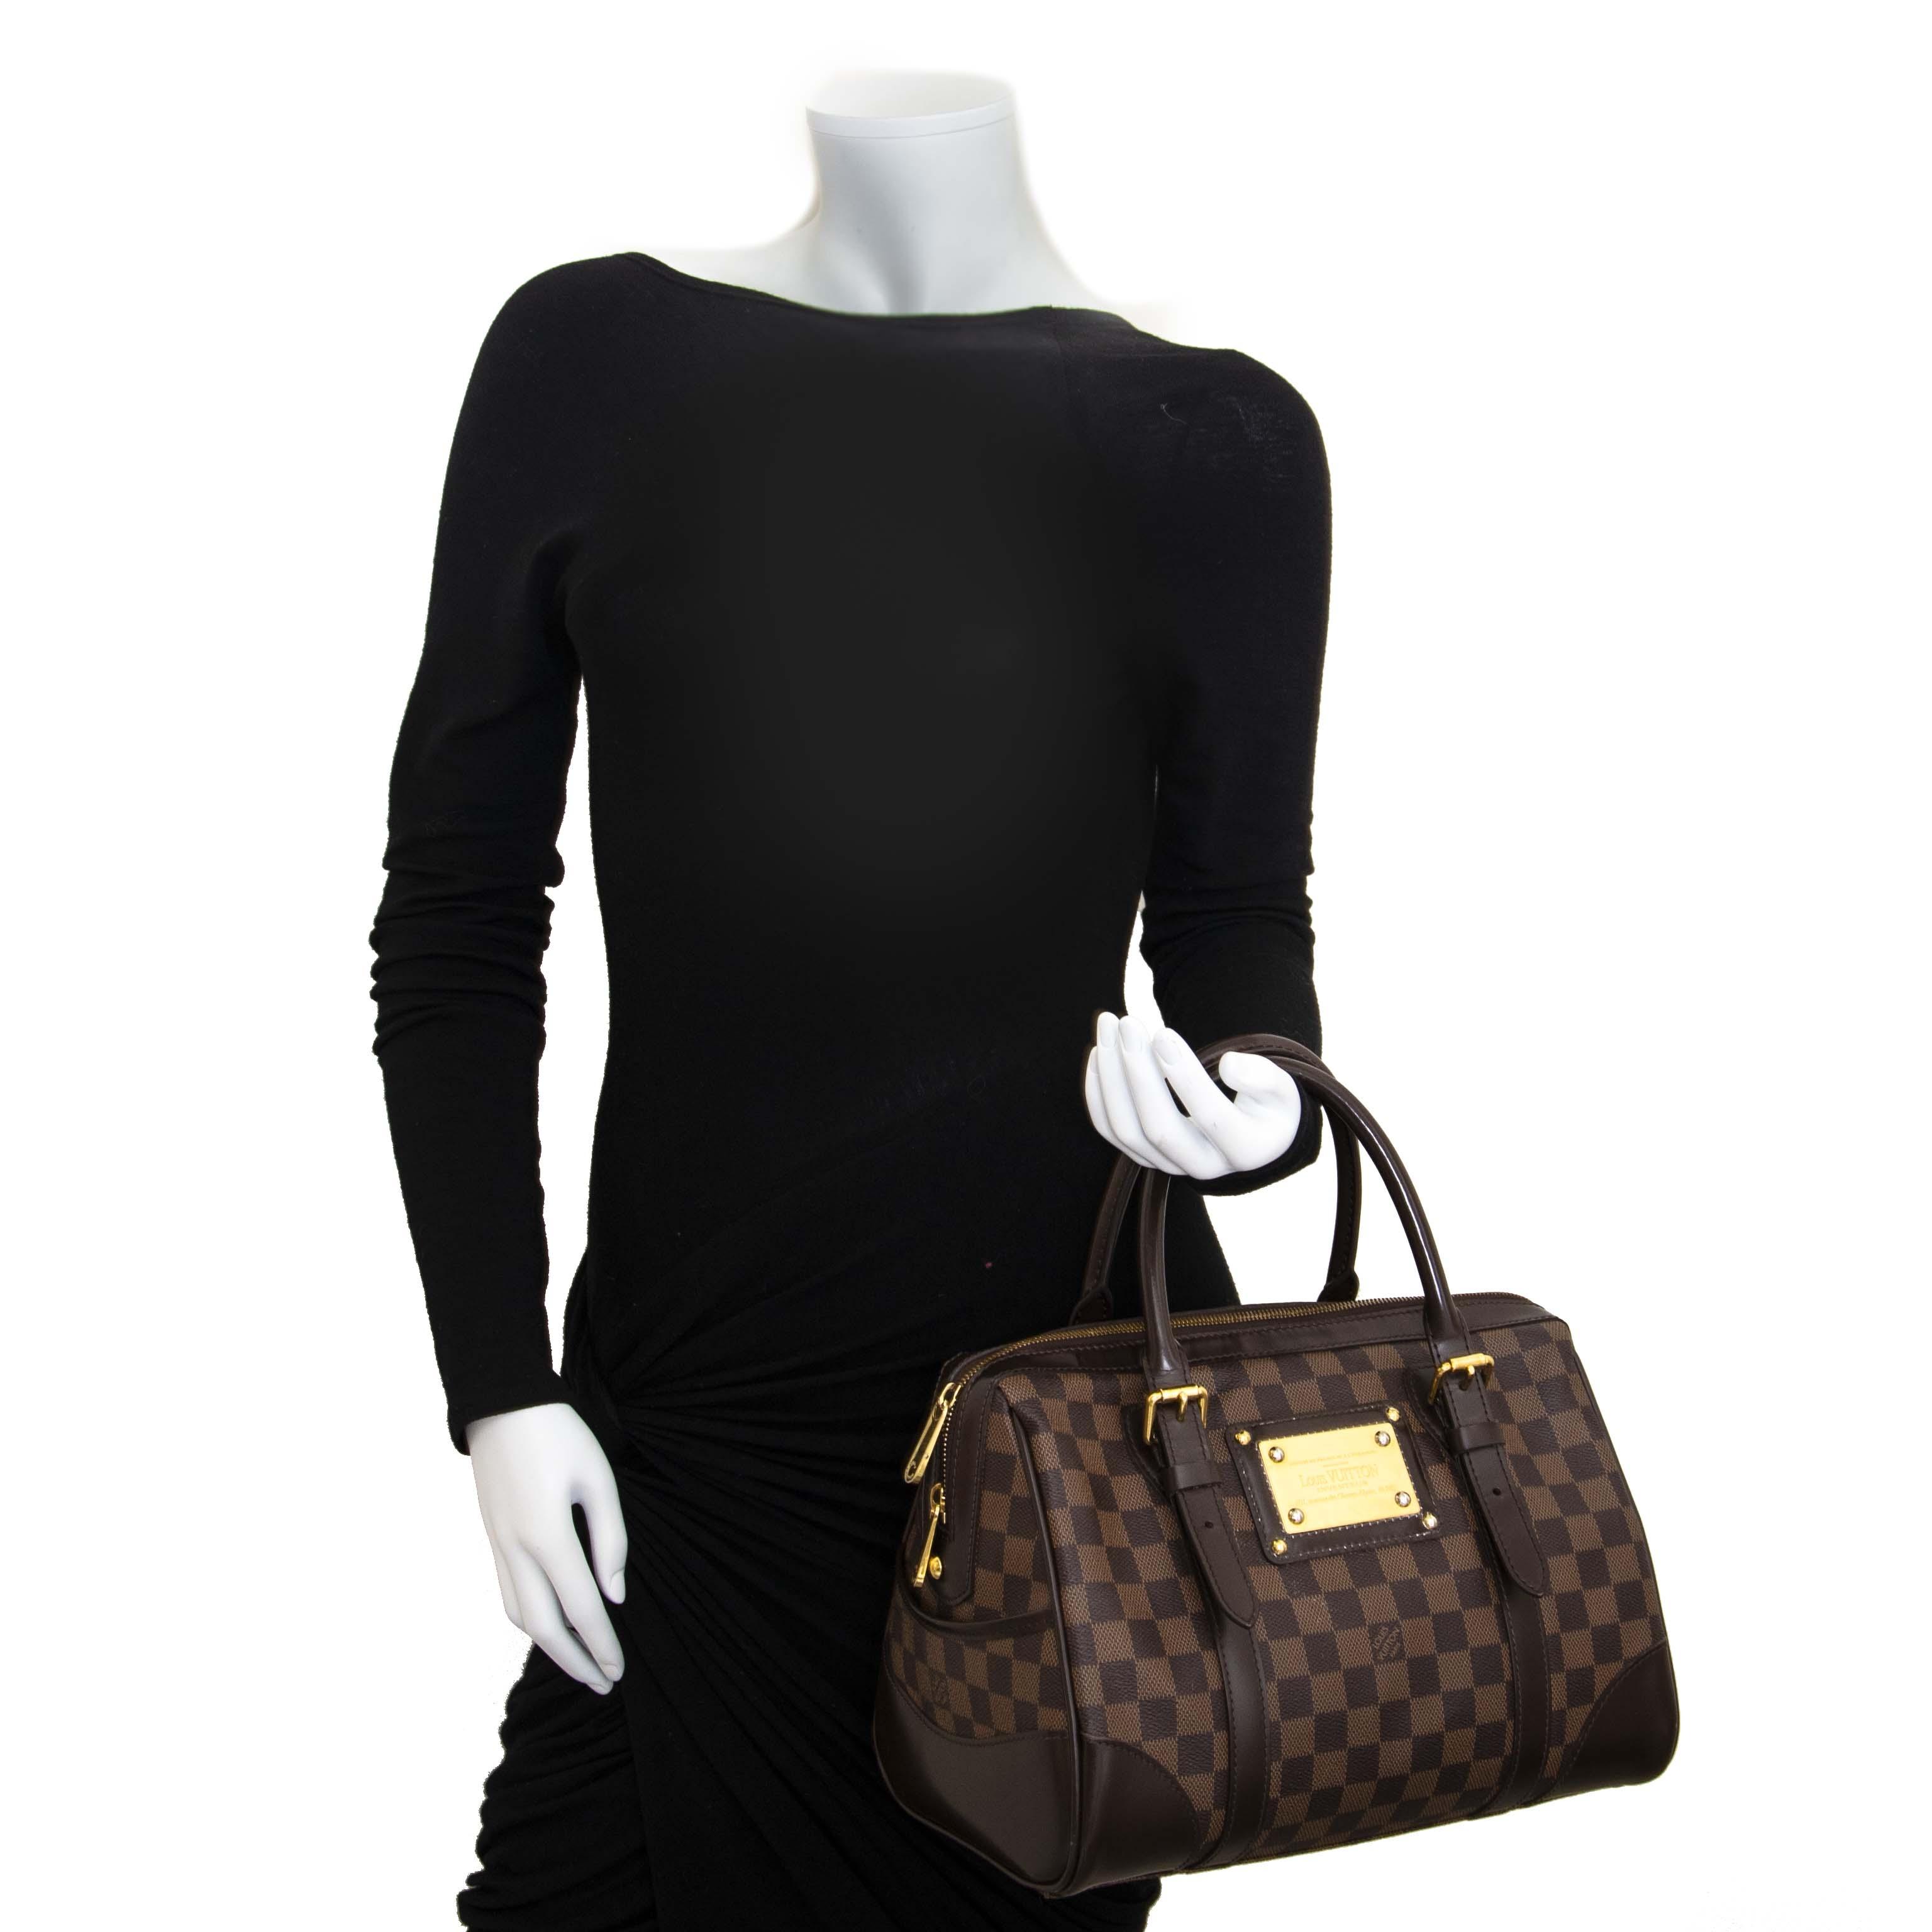 Louis Vuitton Damier Ebene Berkeley Bag now for sale at labellov vintage fashion webshop belgium